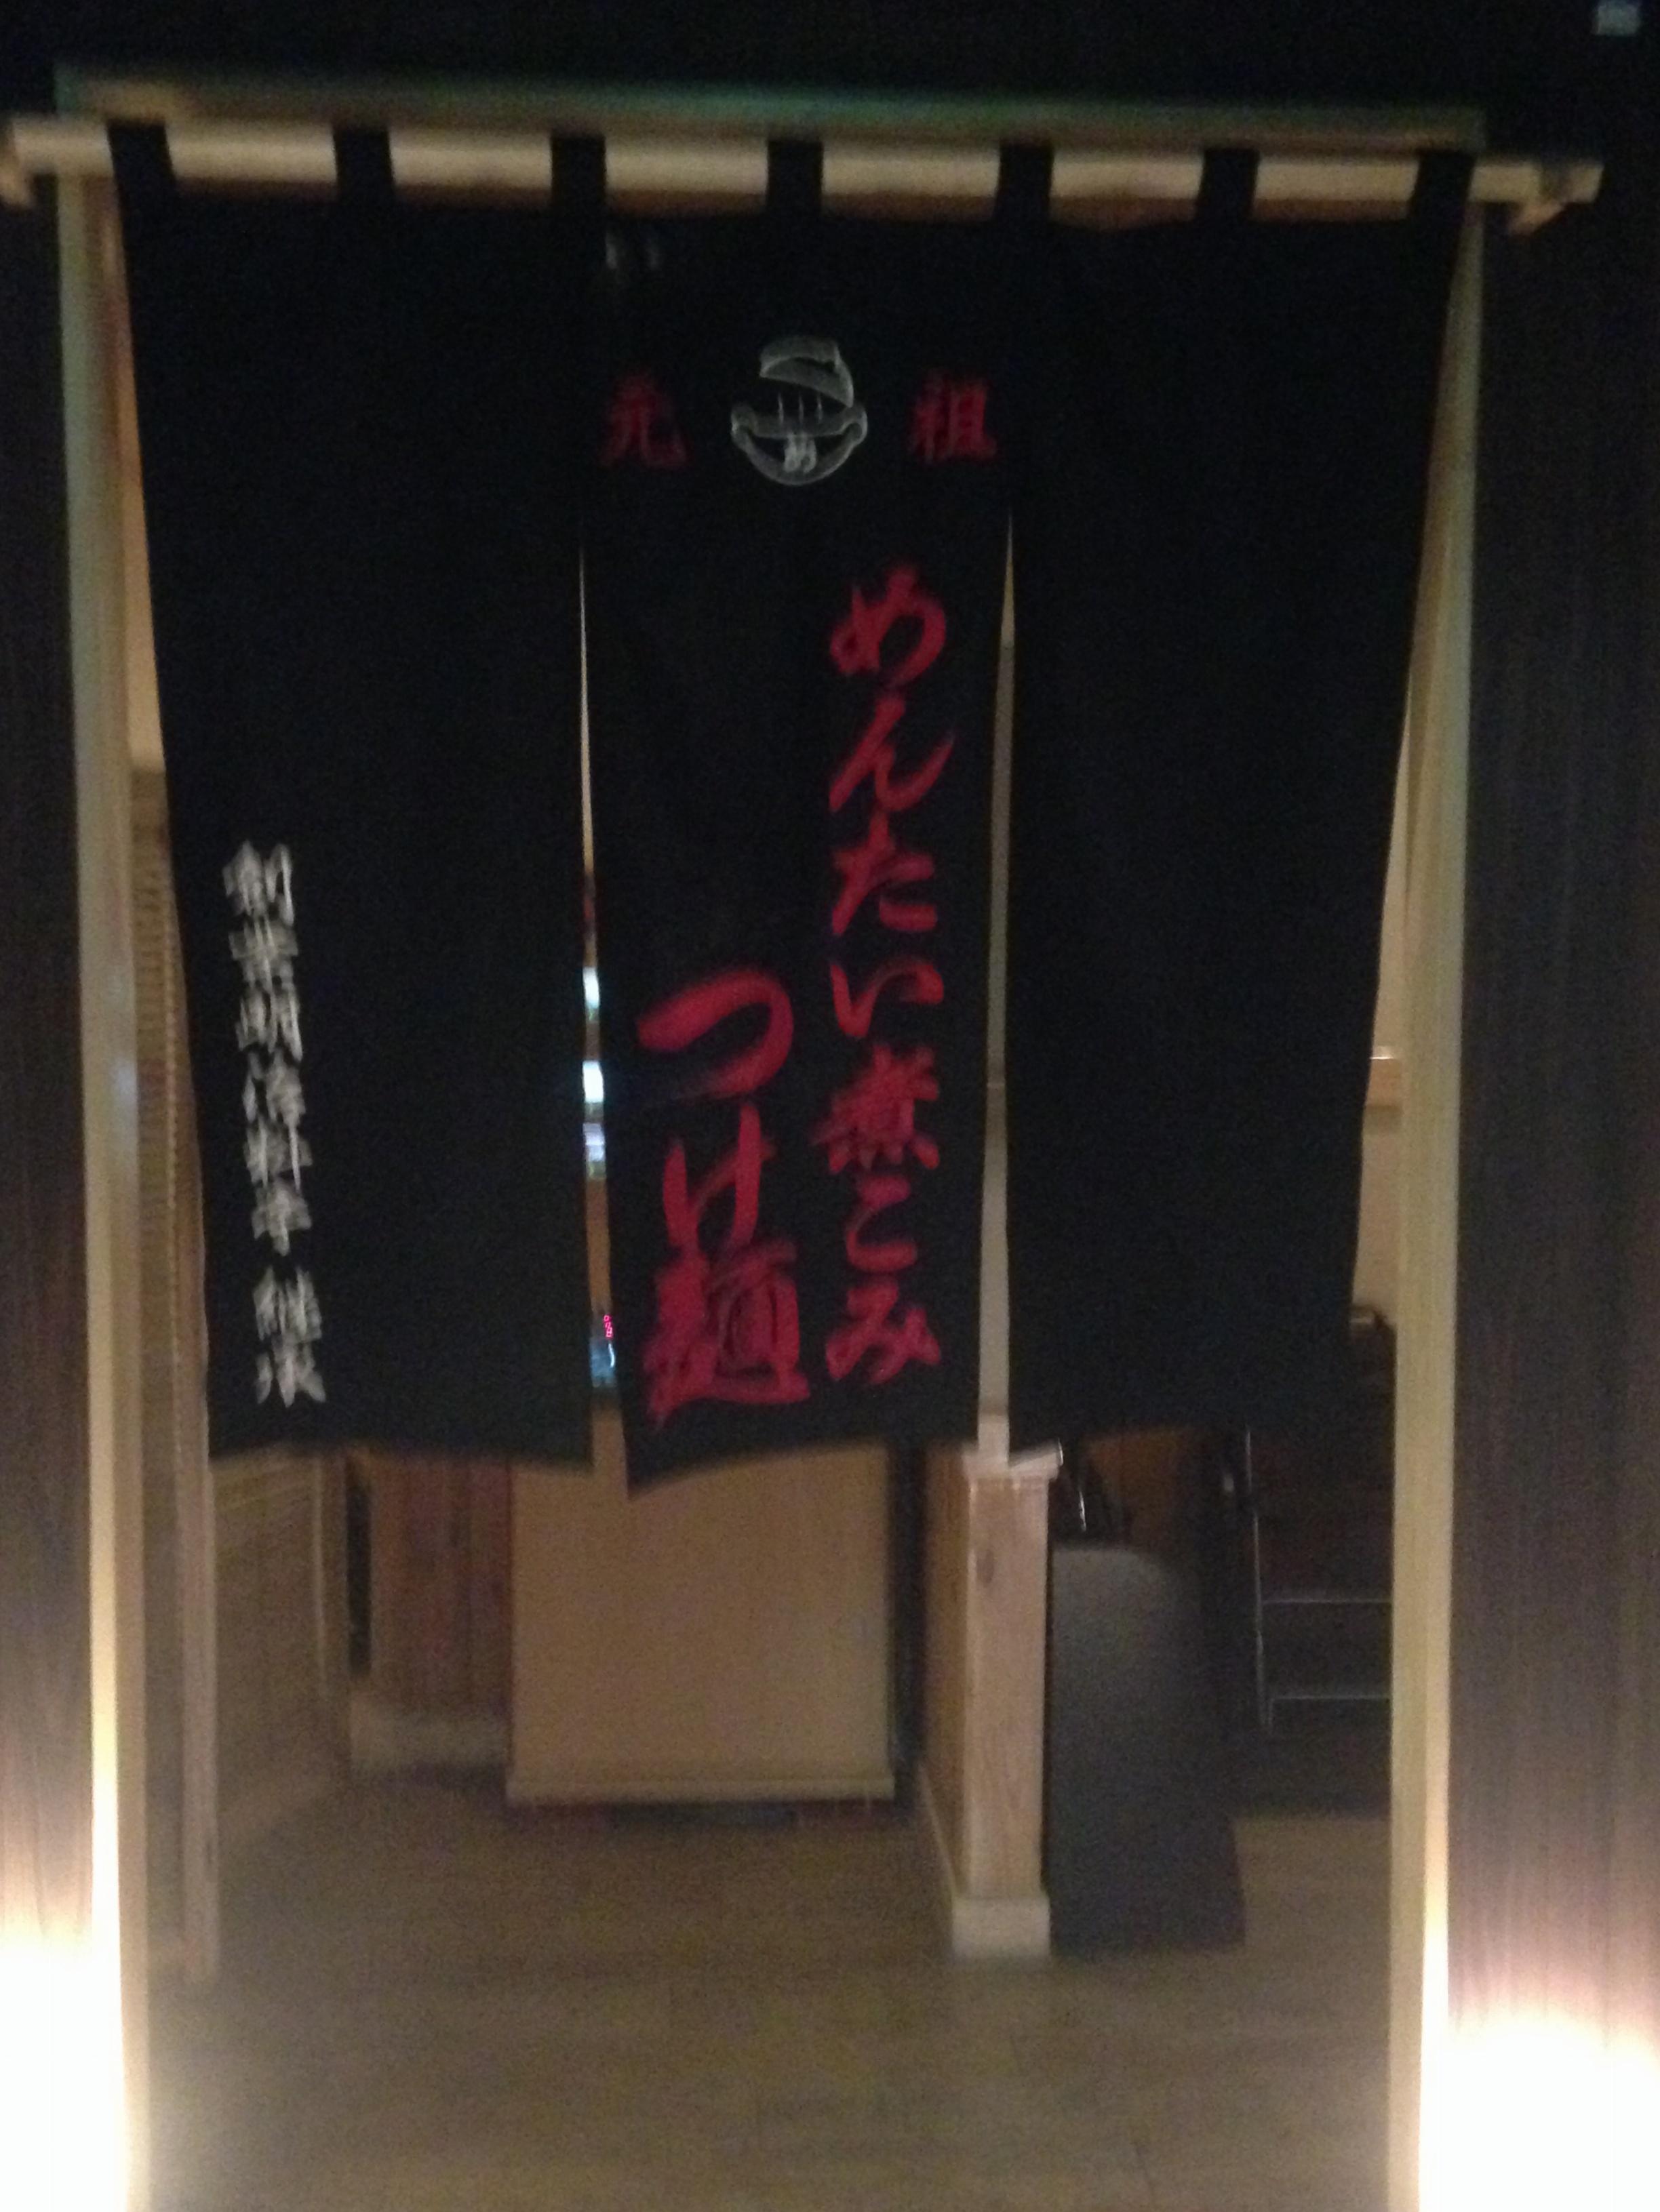 一度食べたら虜になる⁉️博多発・日本初の究極のつけ麺✨【元祖めんたい煮こみつけ麺】_1